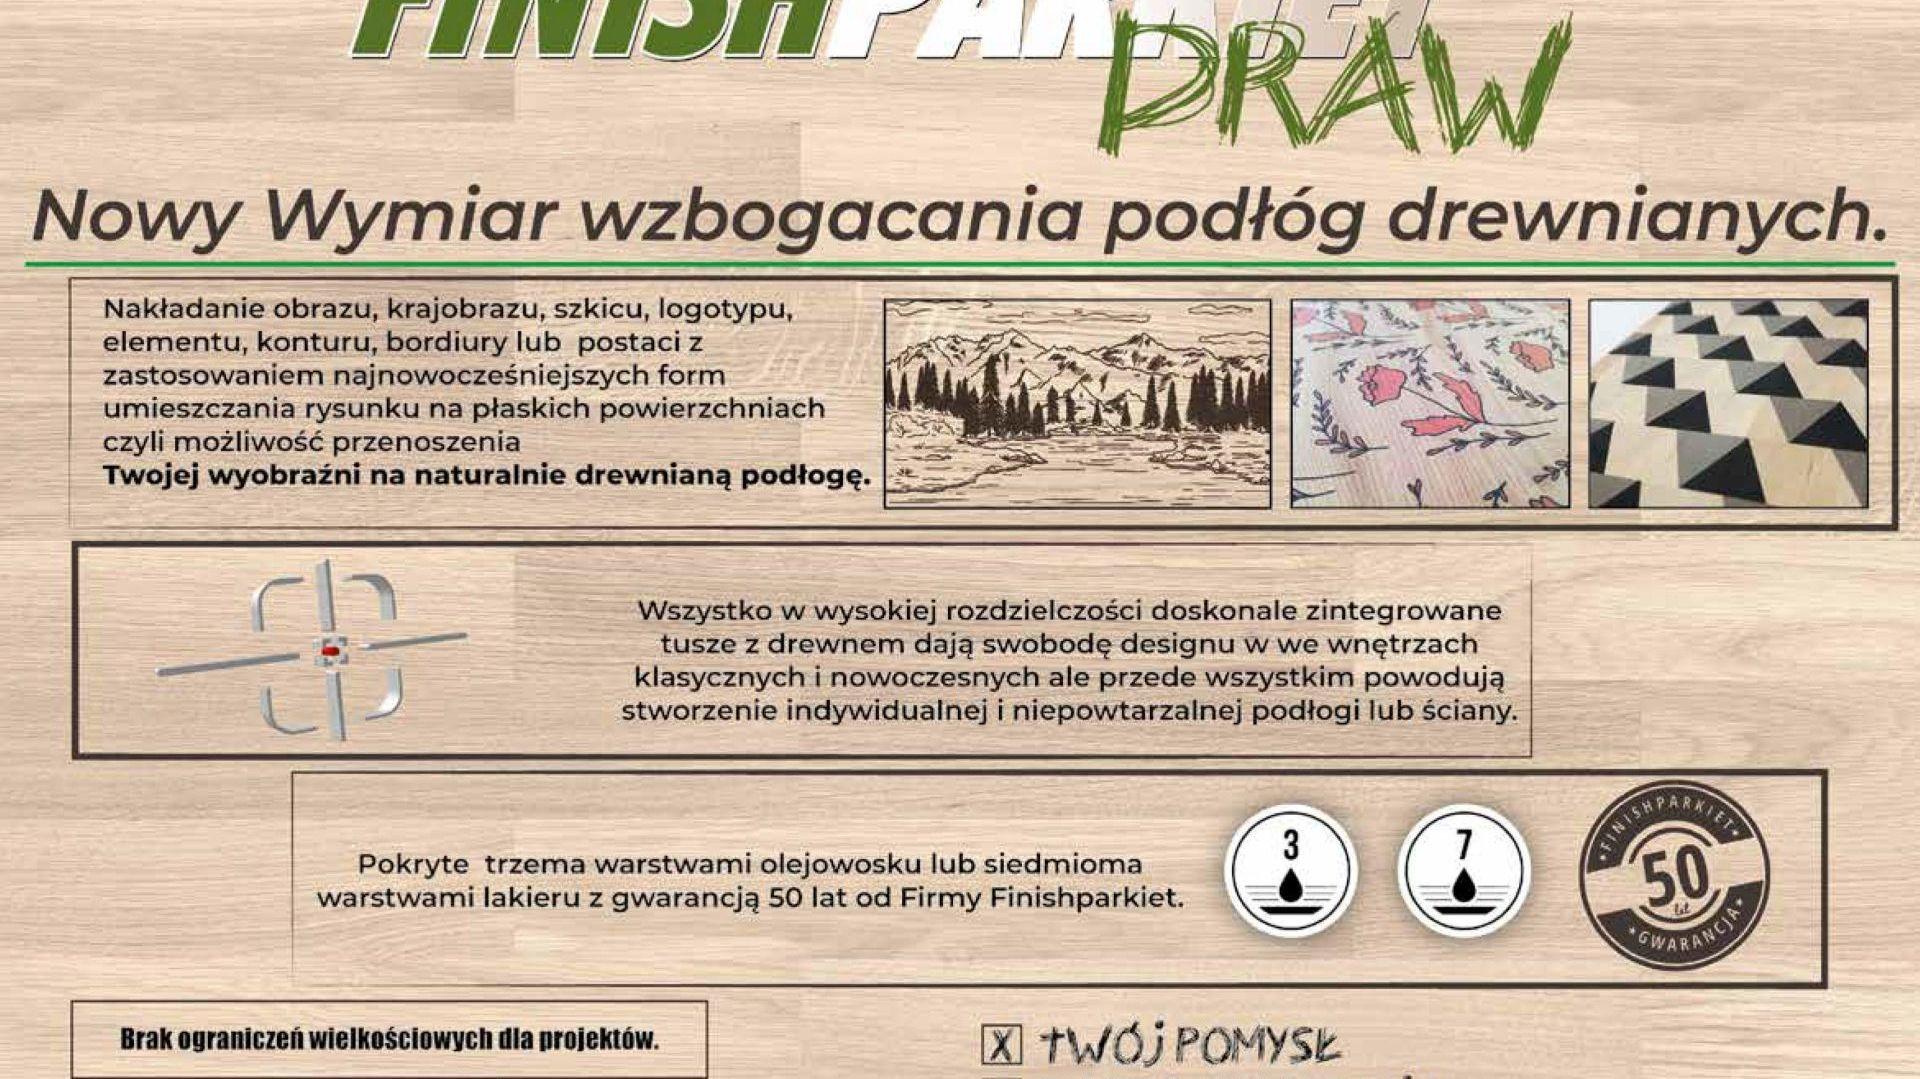 Finishparkiet Draw/Finishparkiet. Wyróżnienie w kategorii Podłogi i Ściany